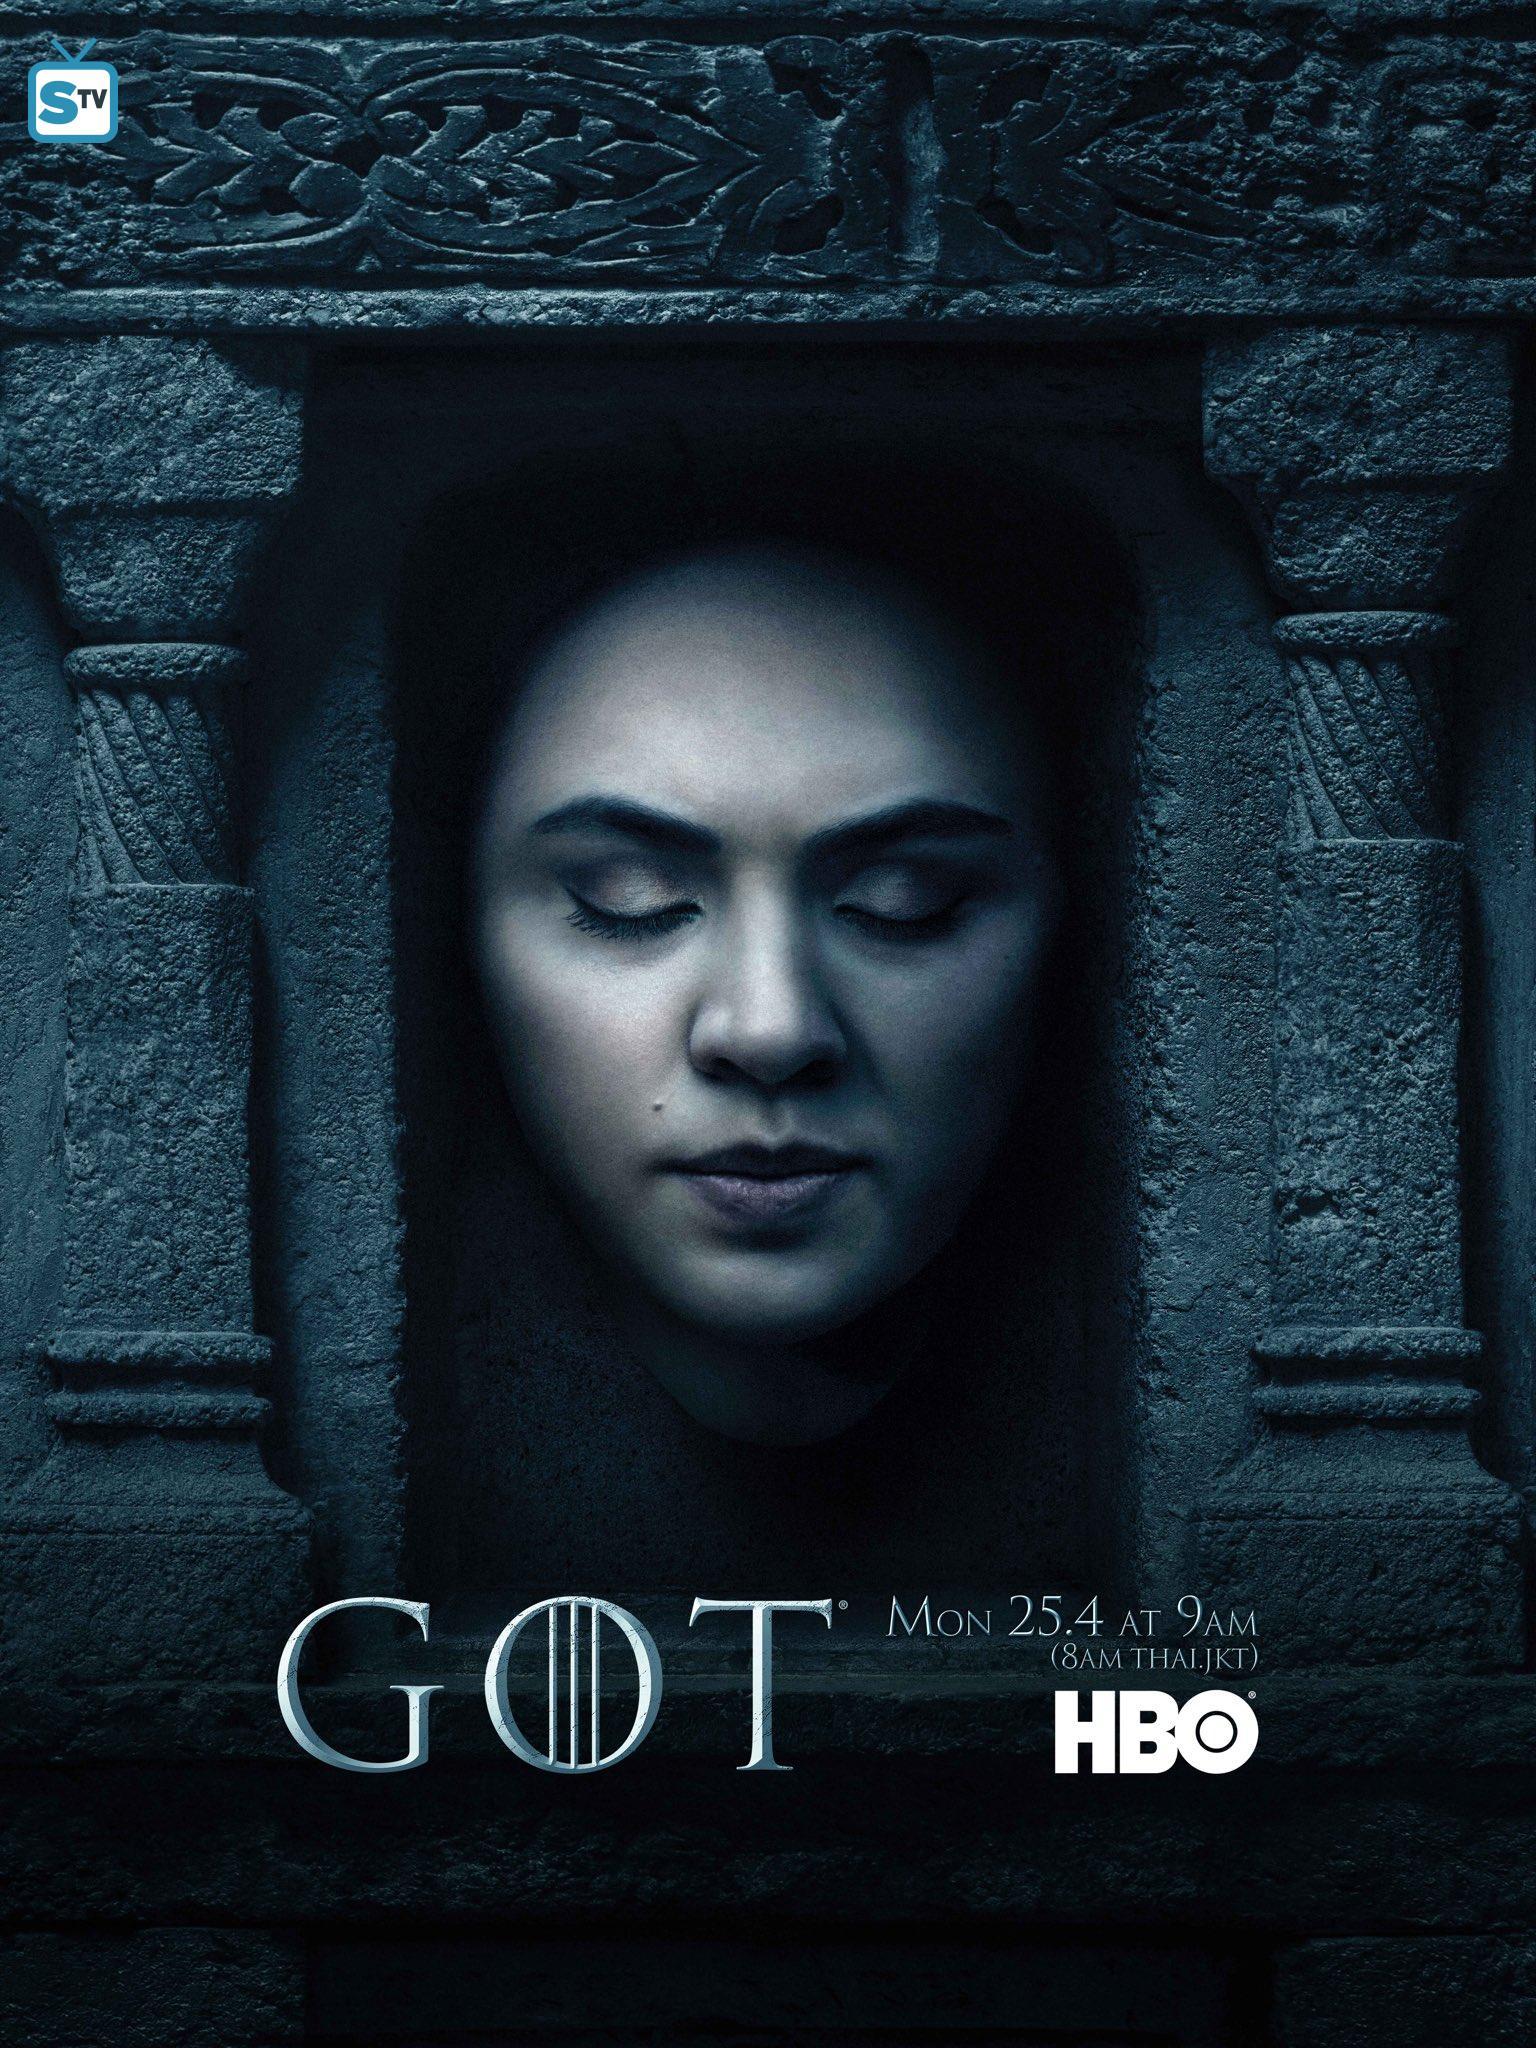 игра престолов 6 сезон 1 серия hd смотреть онлайн